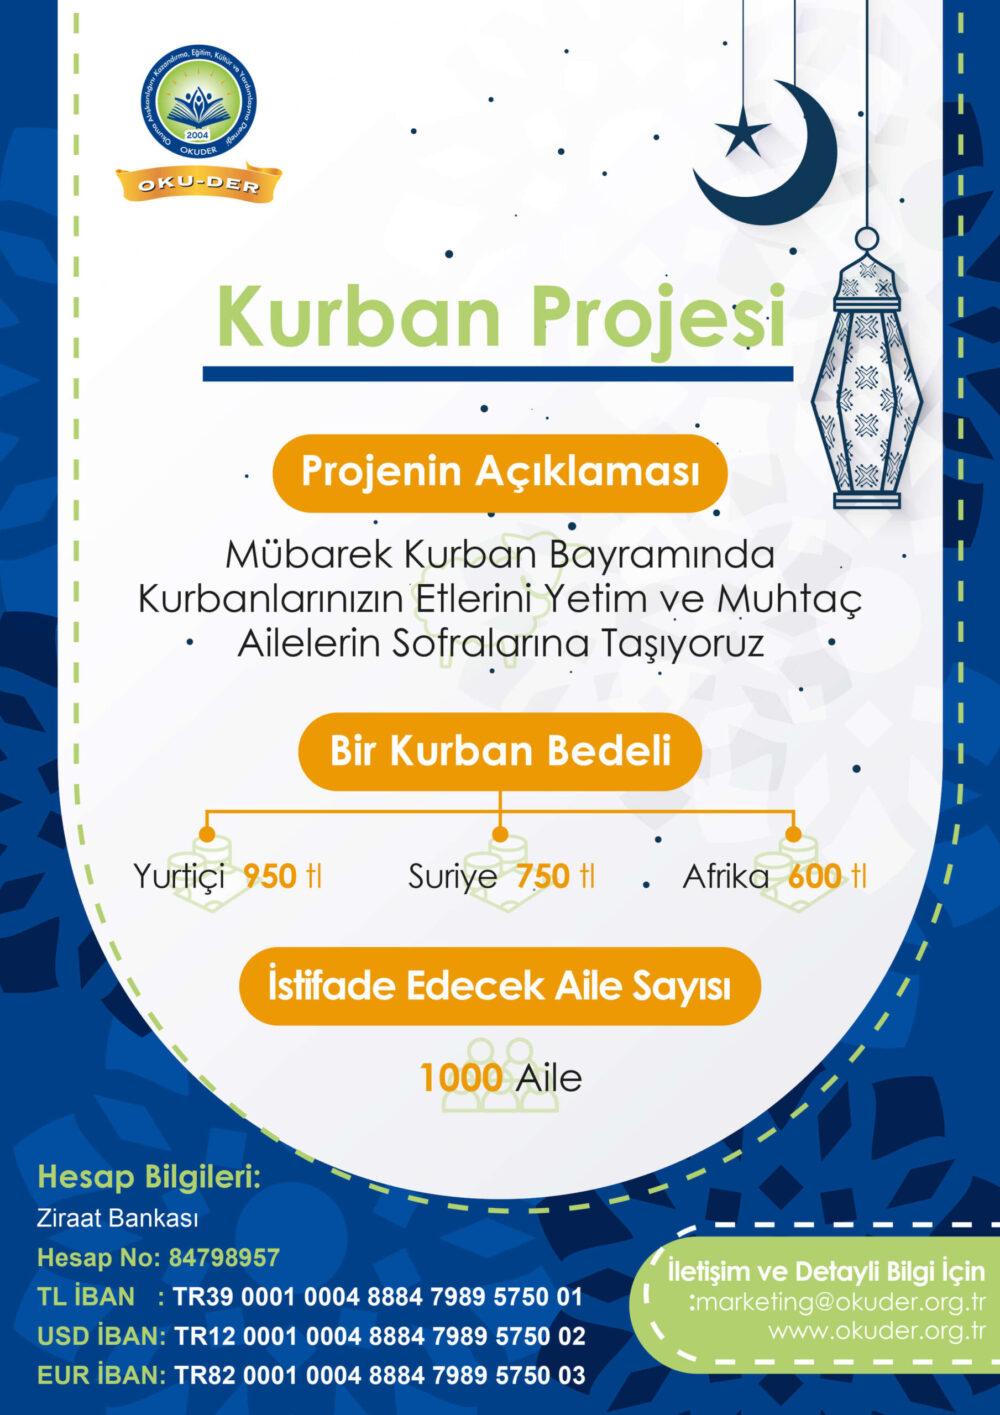 kurban projesi-türkçe